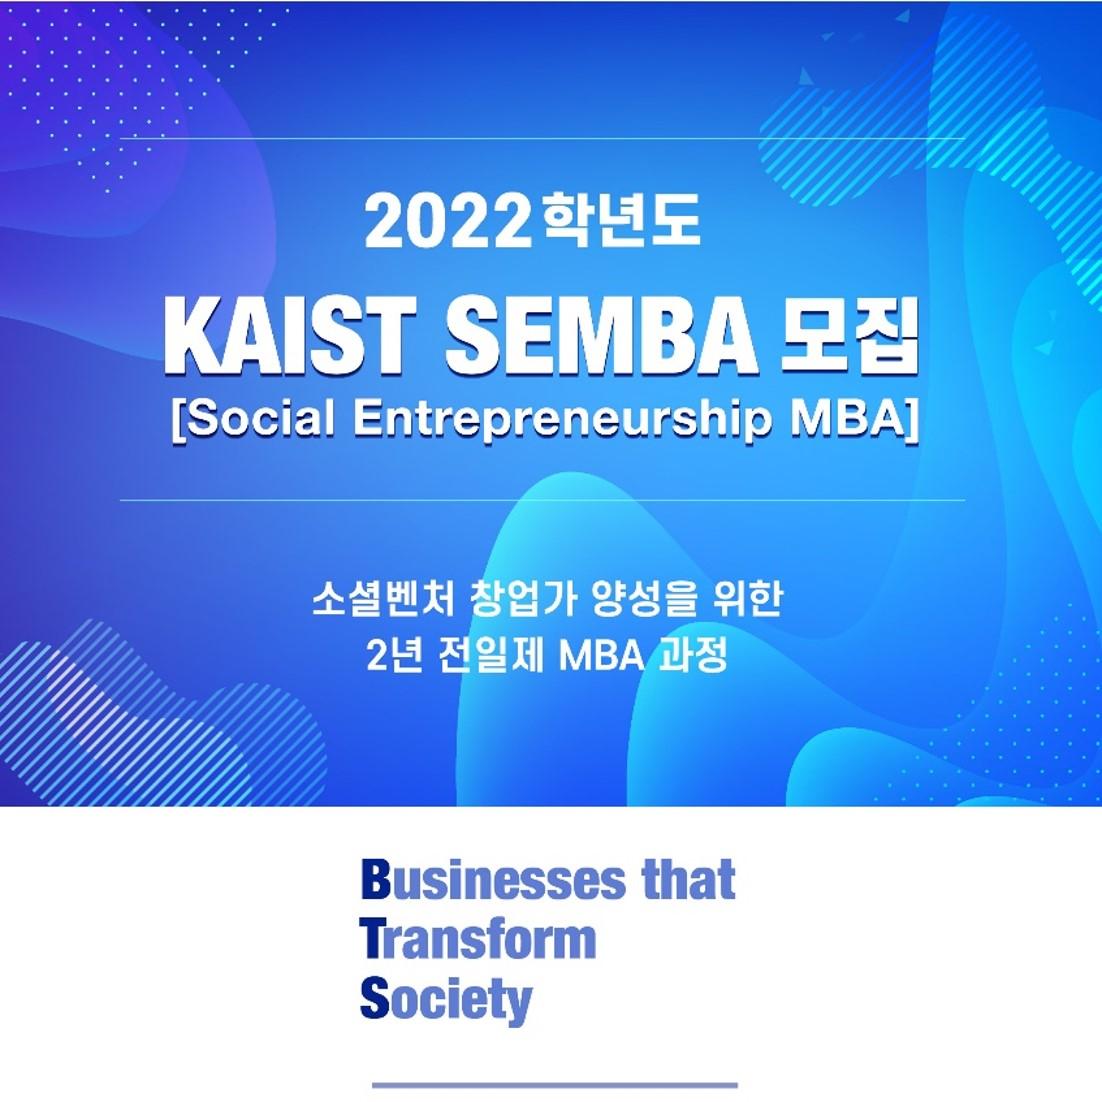 2022 KAIST SE(Social Entrepreneurship) MBA 모집